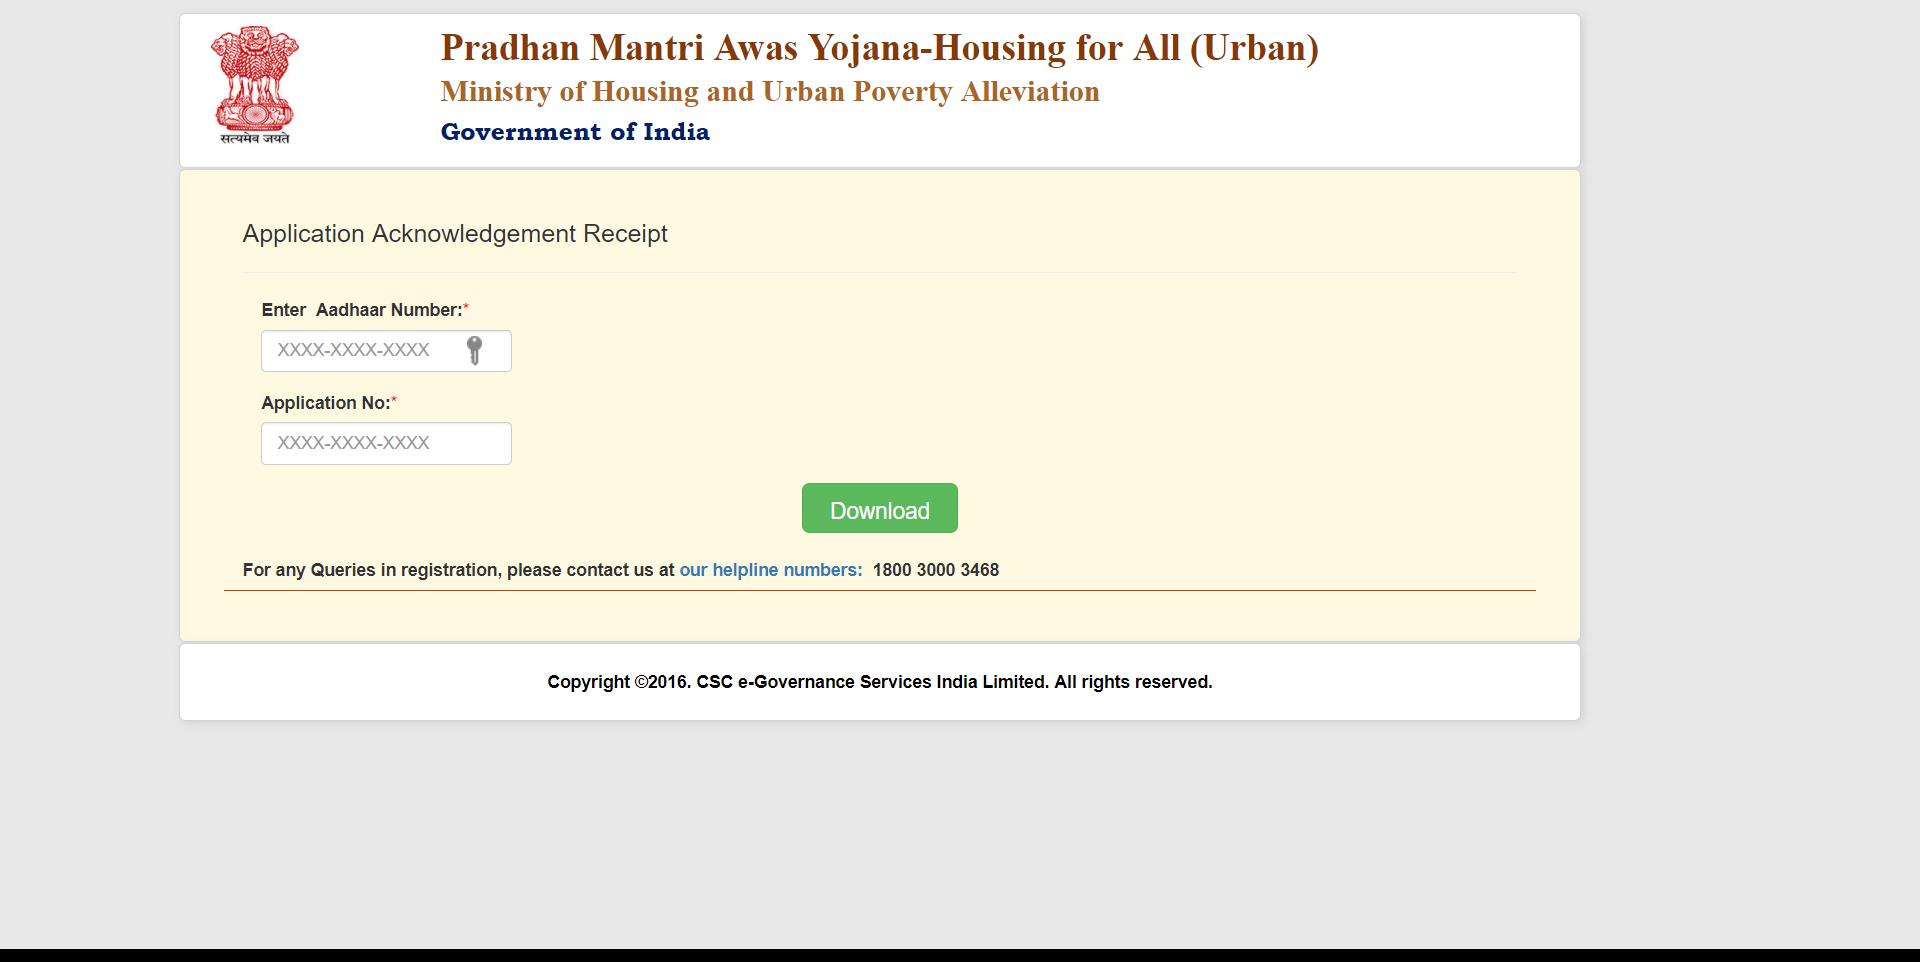 प्रधानमंत्री आवास योजना रसीद डाउनलोड करें |